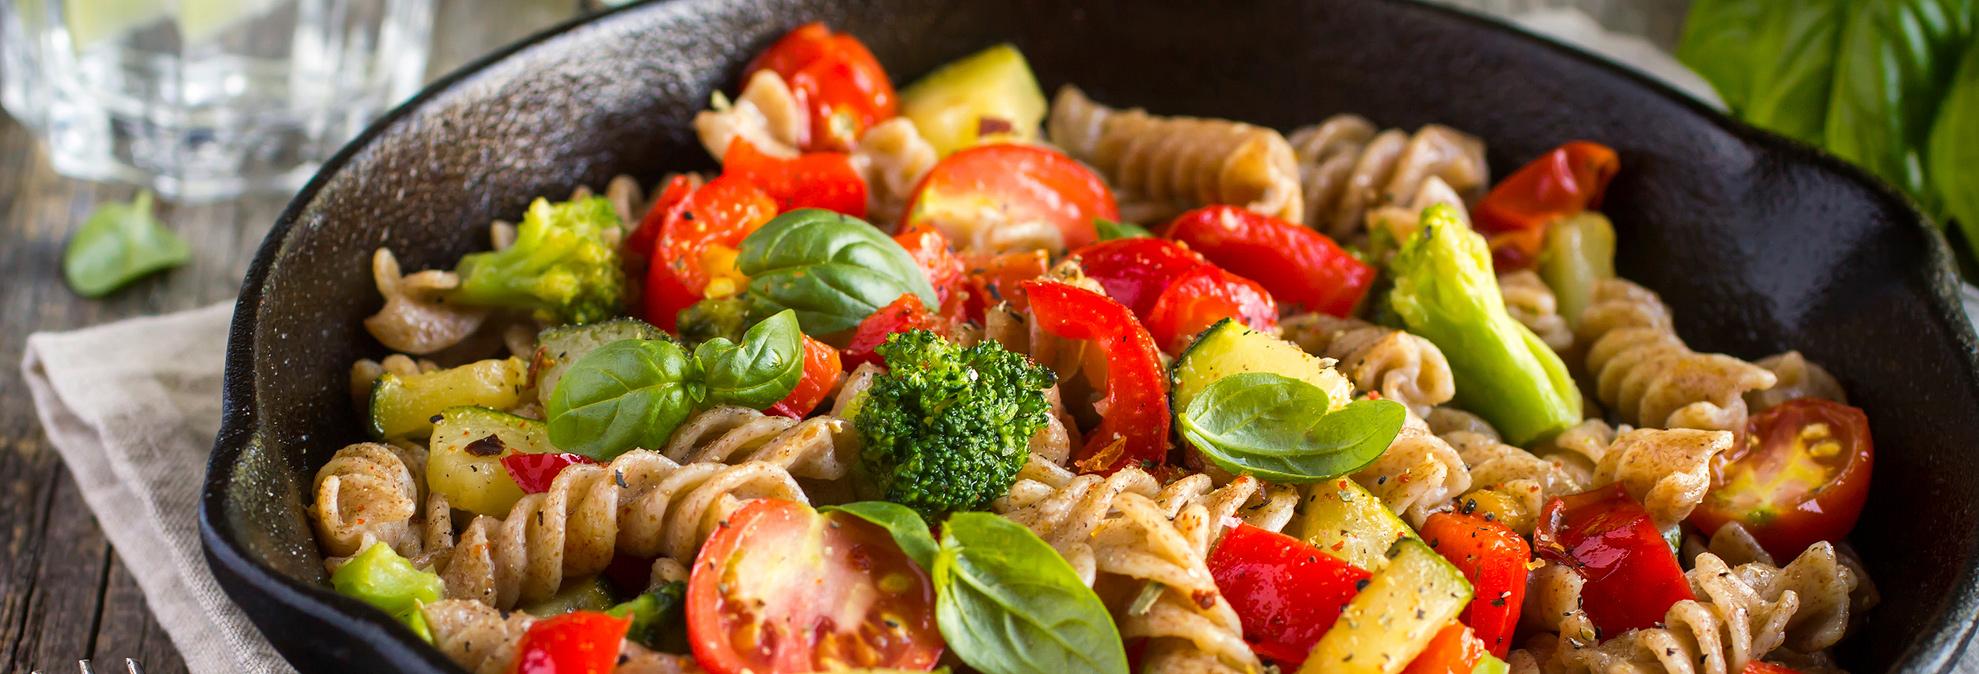 Whole grain pasta: calories, benefits, reviews 34